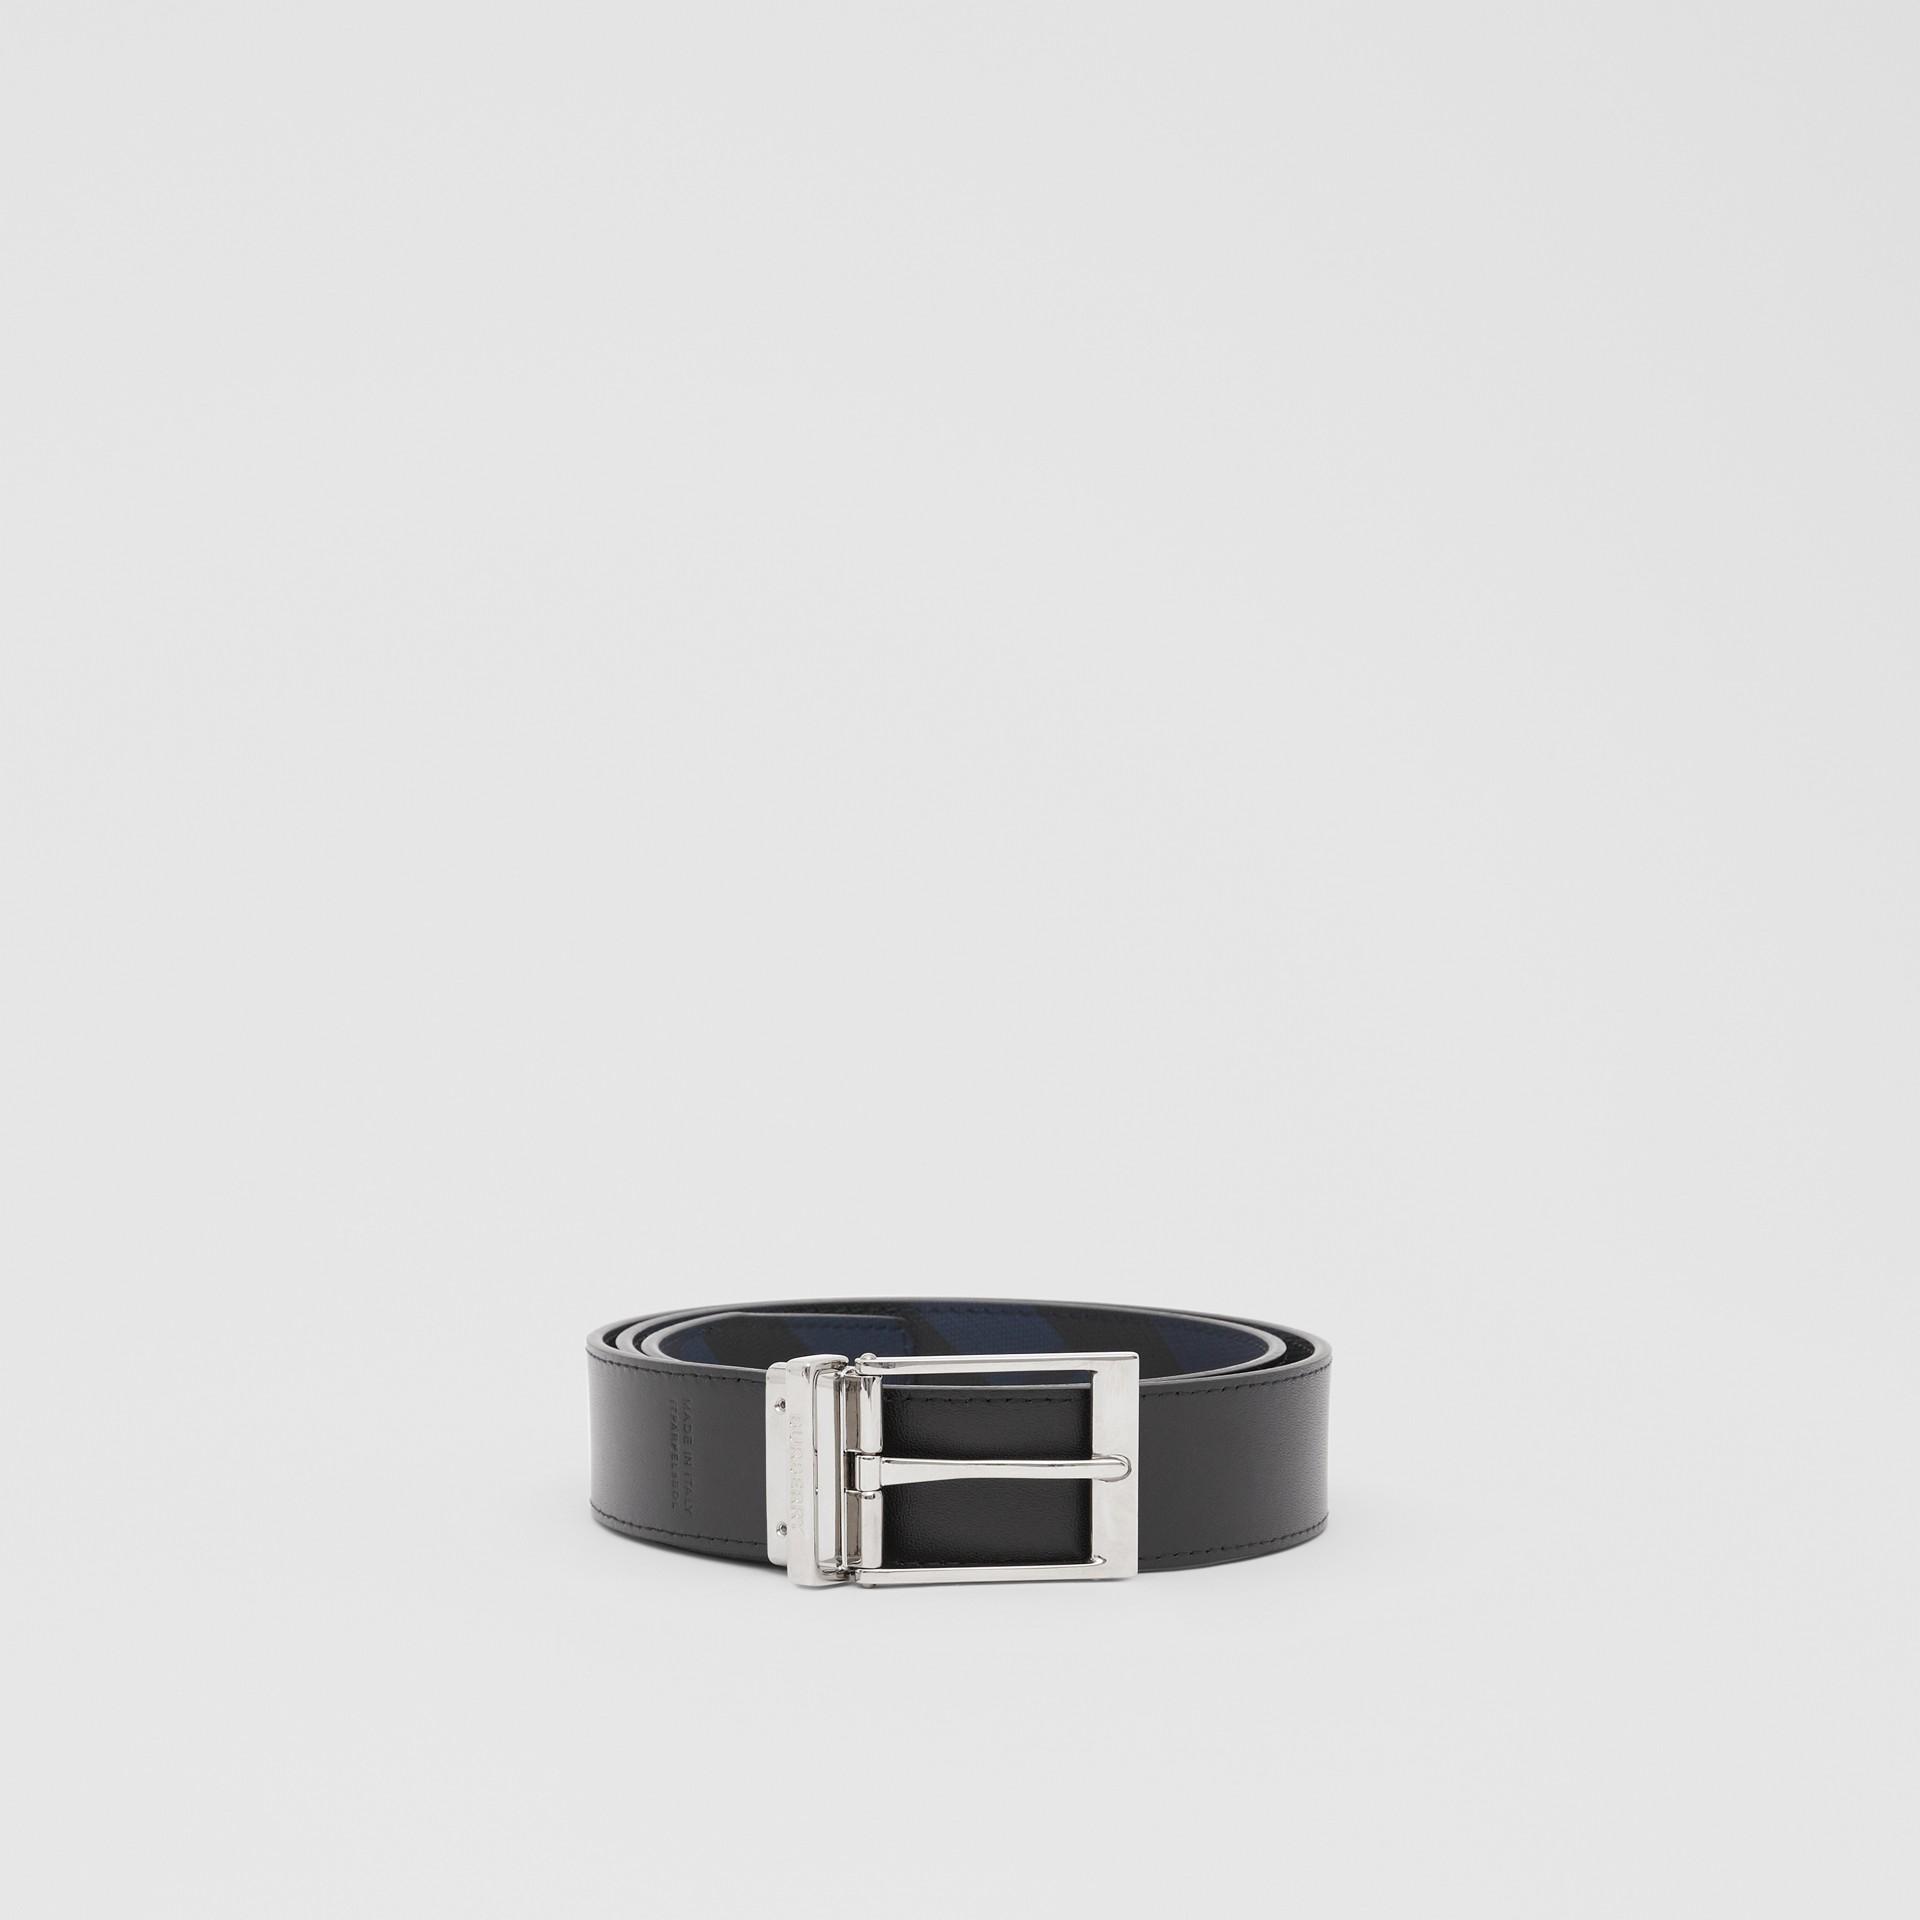 リバーシブル ロンドンチェック&レザー ベルト (ネイビー/ブラック) - メンズ | バーバリー - ギャラリーイメージ 5